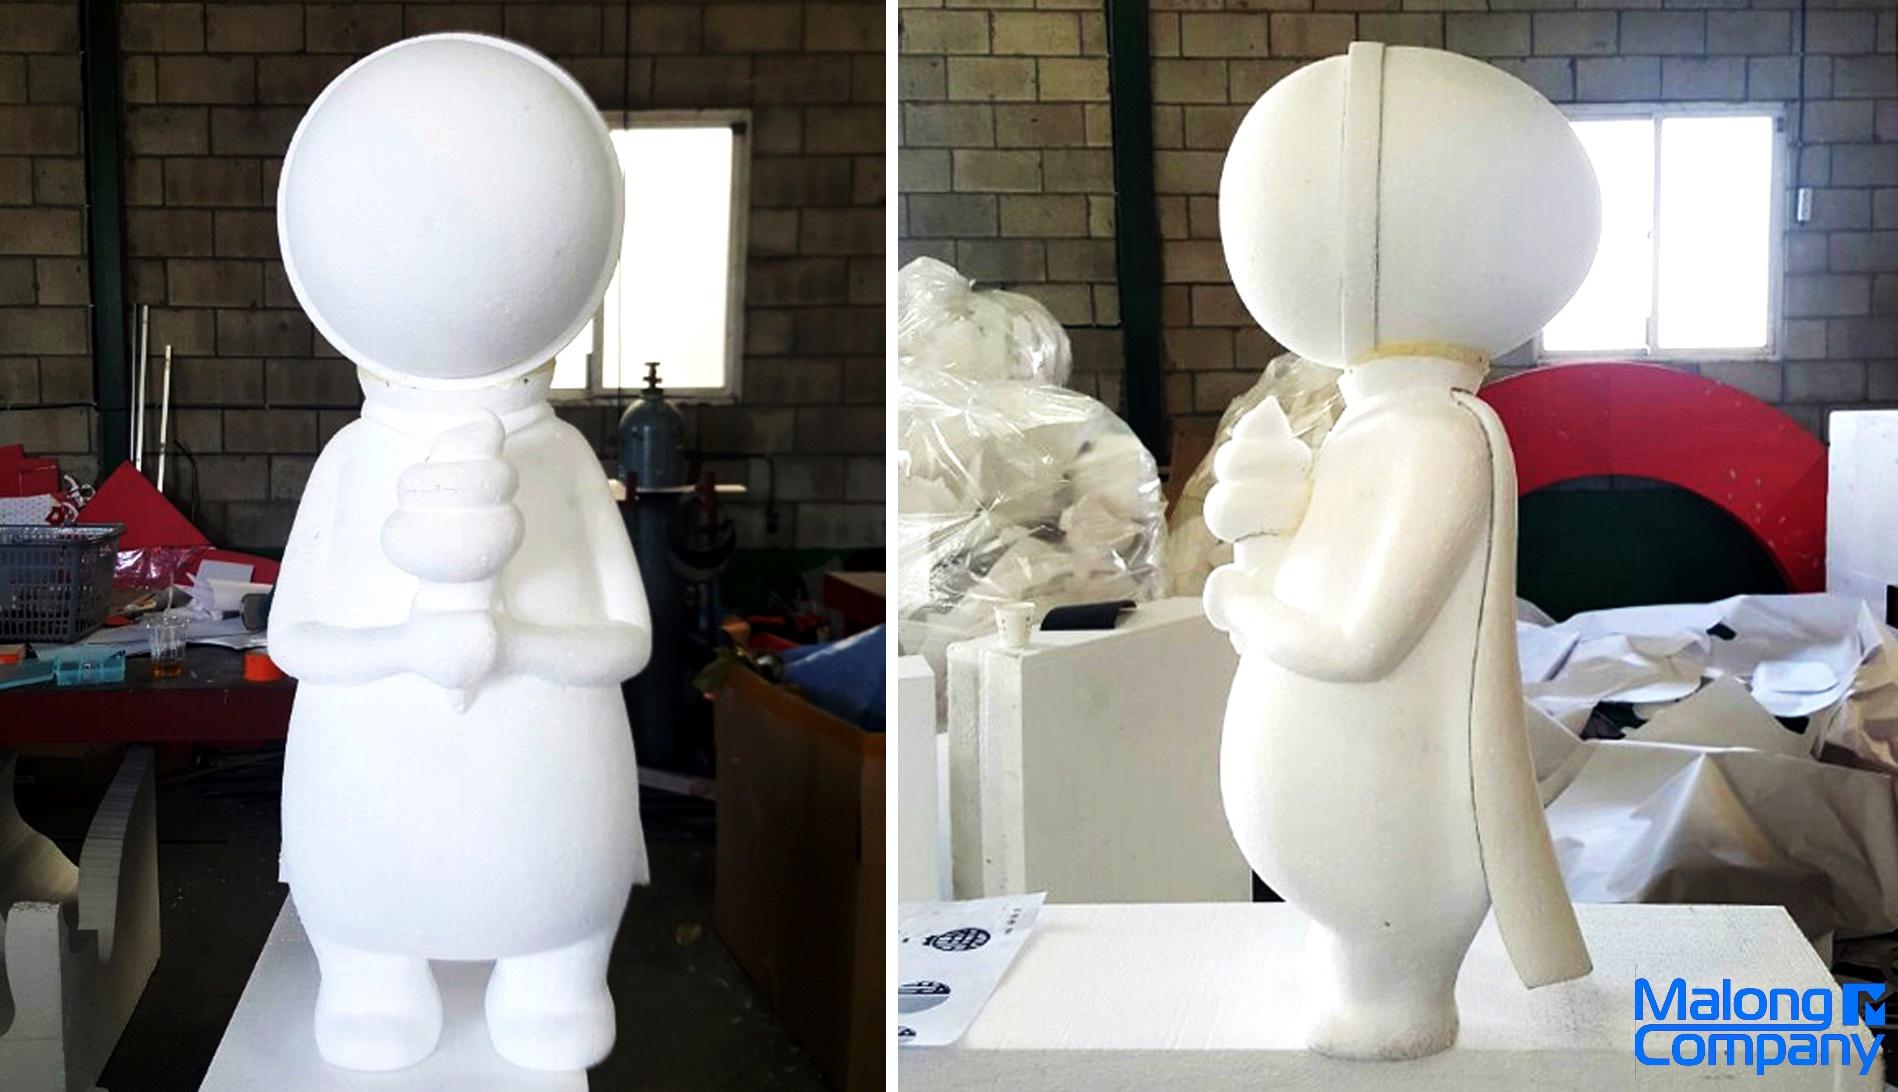 아이스크림 조형물 제작 스티로폼 모형 제작 FRP 캐릭터 조형물 설계 FRP 조형물 설치 캐릭터 모형 야외 조형물 보수 스티로폼 조형